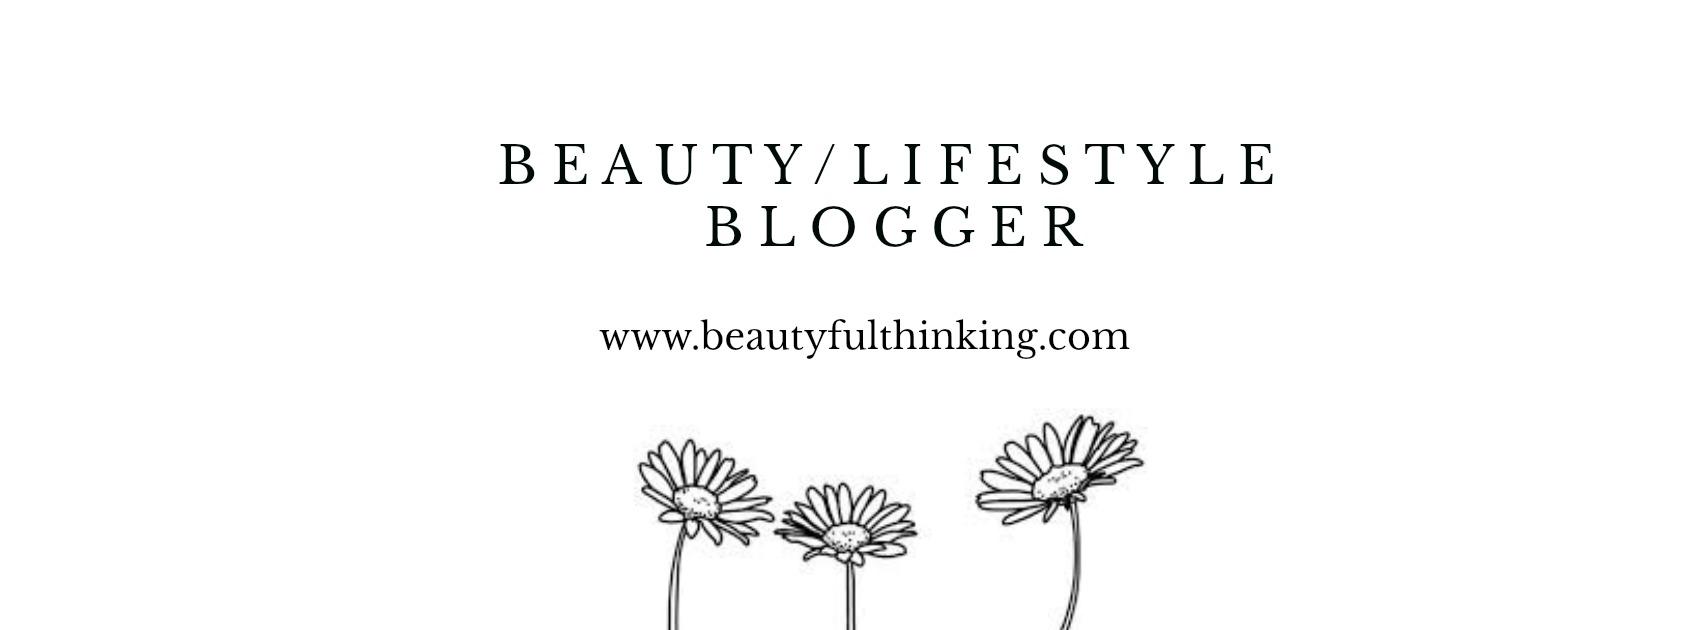 Beautyful Thinking